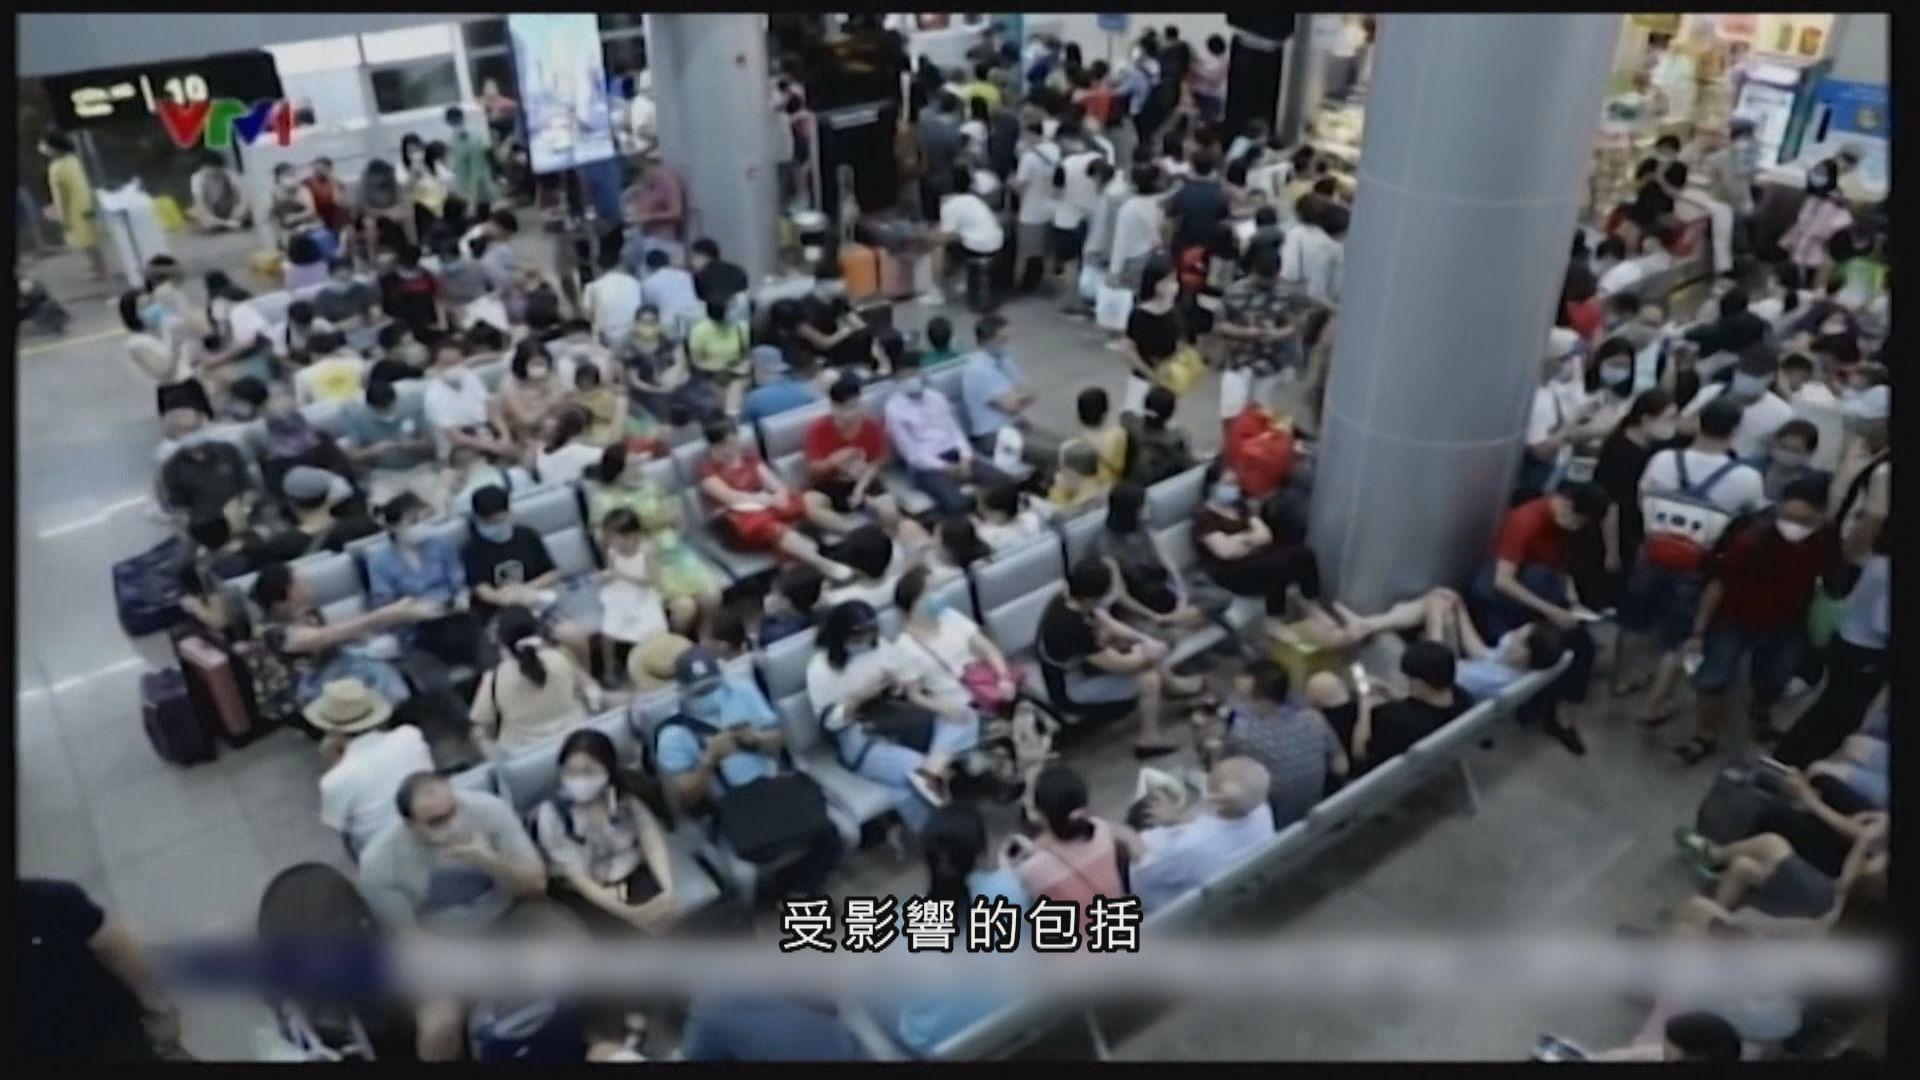 越南因應疫情暫停往返峴港航班